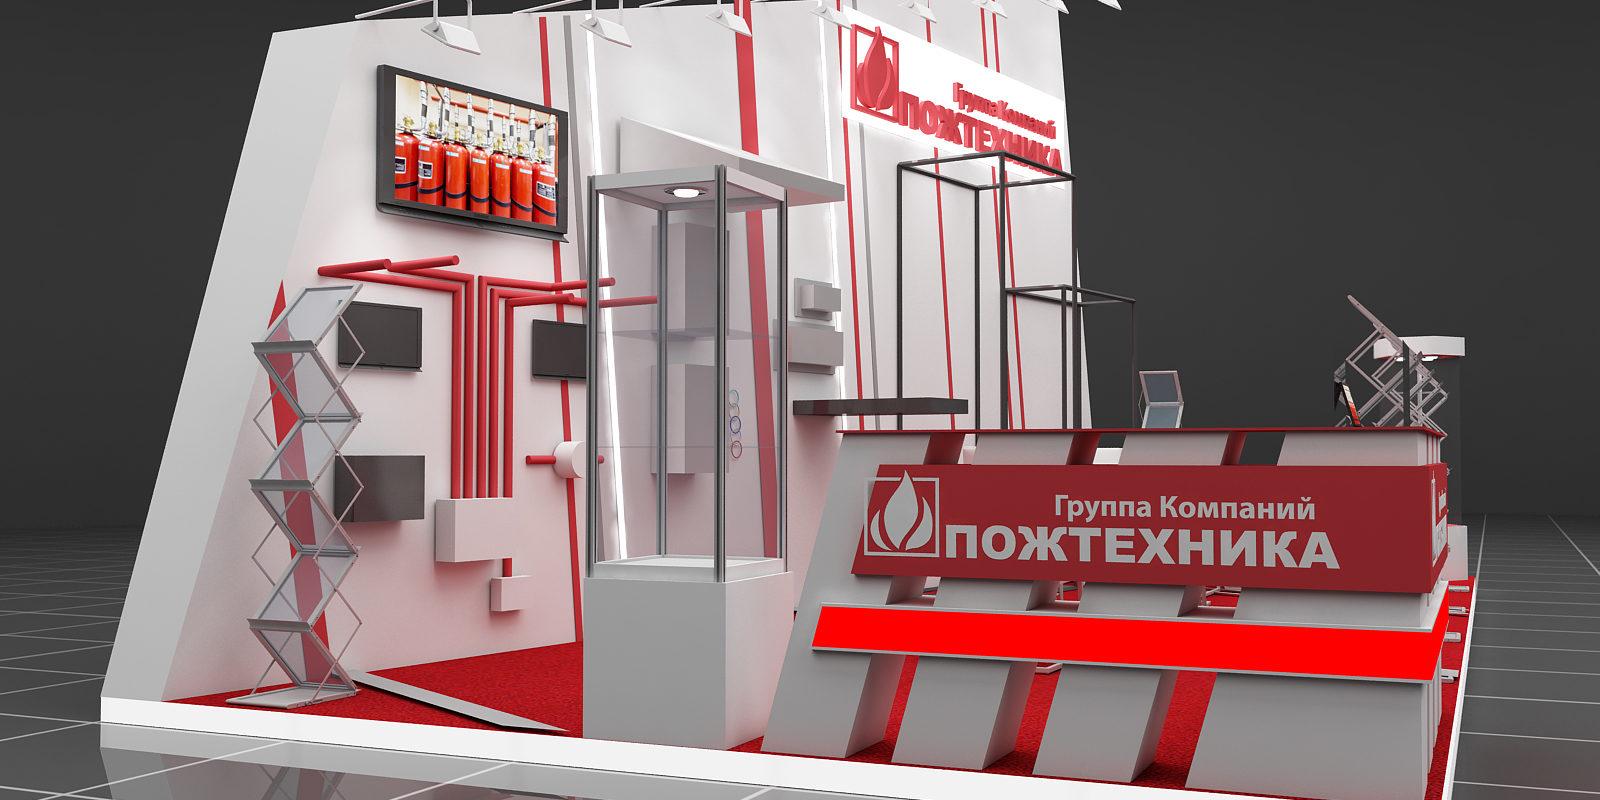 Дизайн проект выставочного стенда группы компаний Пожтехника.